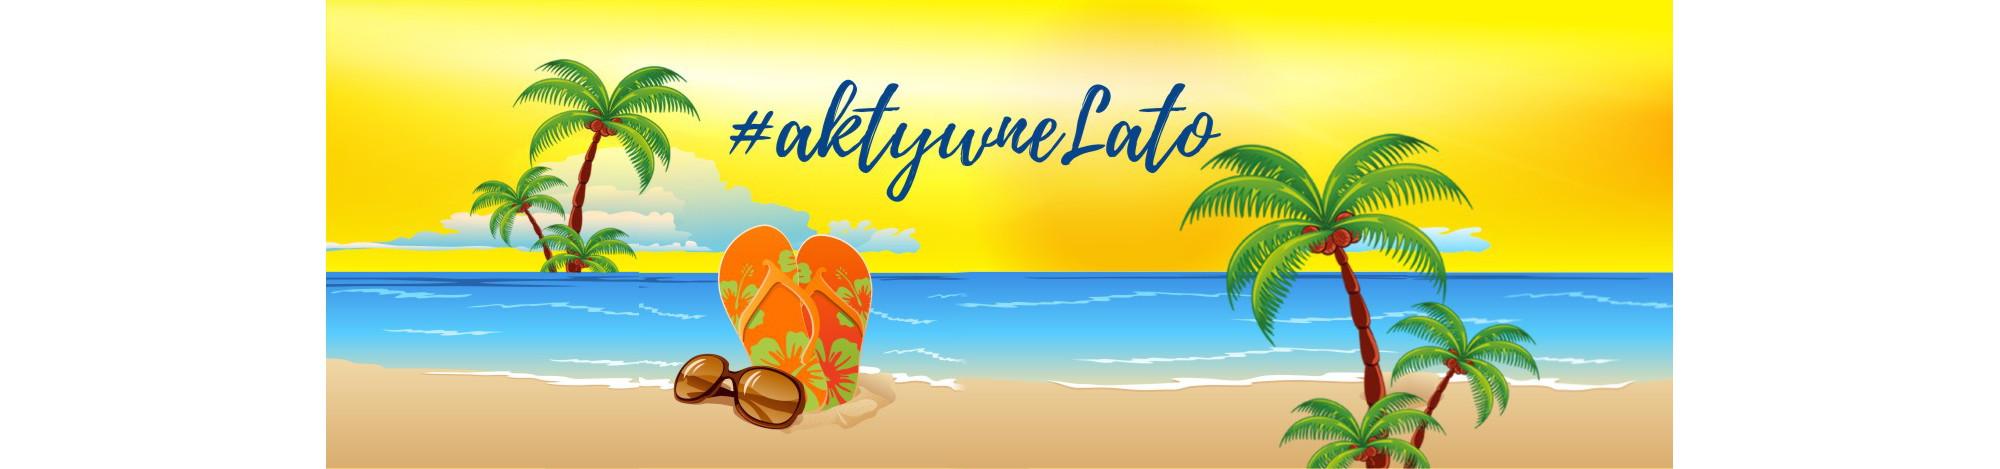 Grafika: tropikalna plaża. W tle żółte niebo, poniżej błękitna woda, z przodu beżowy piasek. Na piasku klapki japonki - pomarańczowe w zielone kwiaty oraz brązowe okulary przeciwsłoneczne. Po prawej i lewej stronie palmy. U góry, na żółtym tle, niebieski napis: